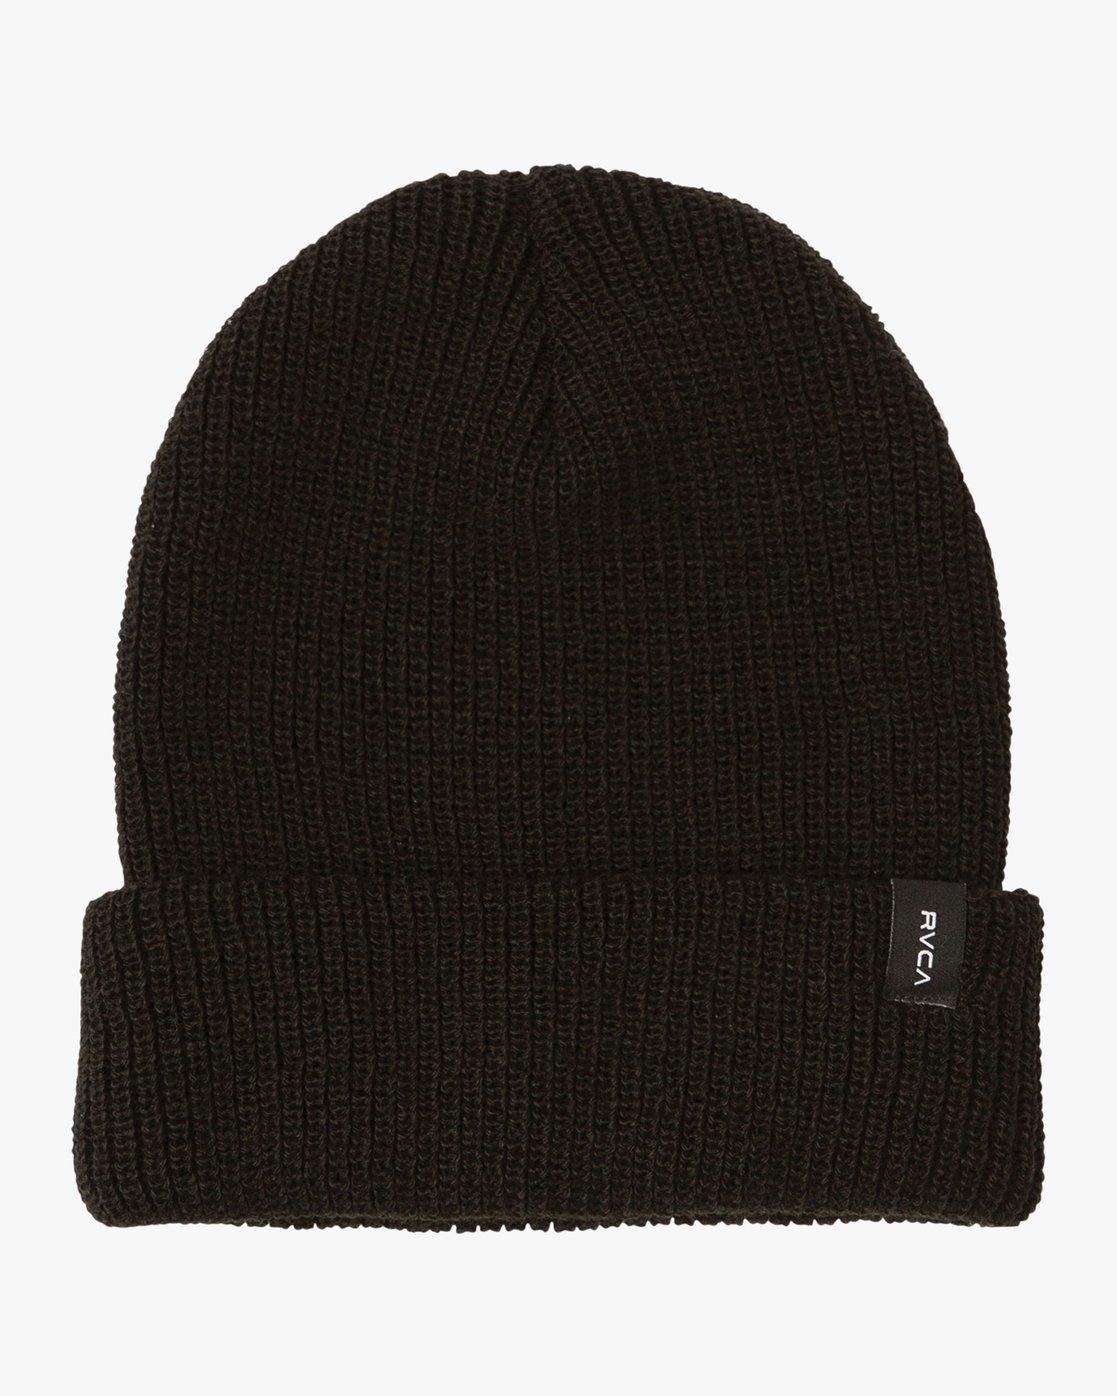 1aa1fa5c7626 0 Dayshift Knit Beanie MABNQRDS RVCA